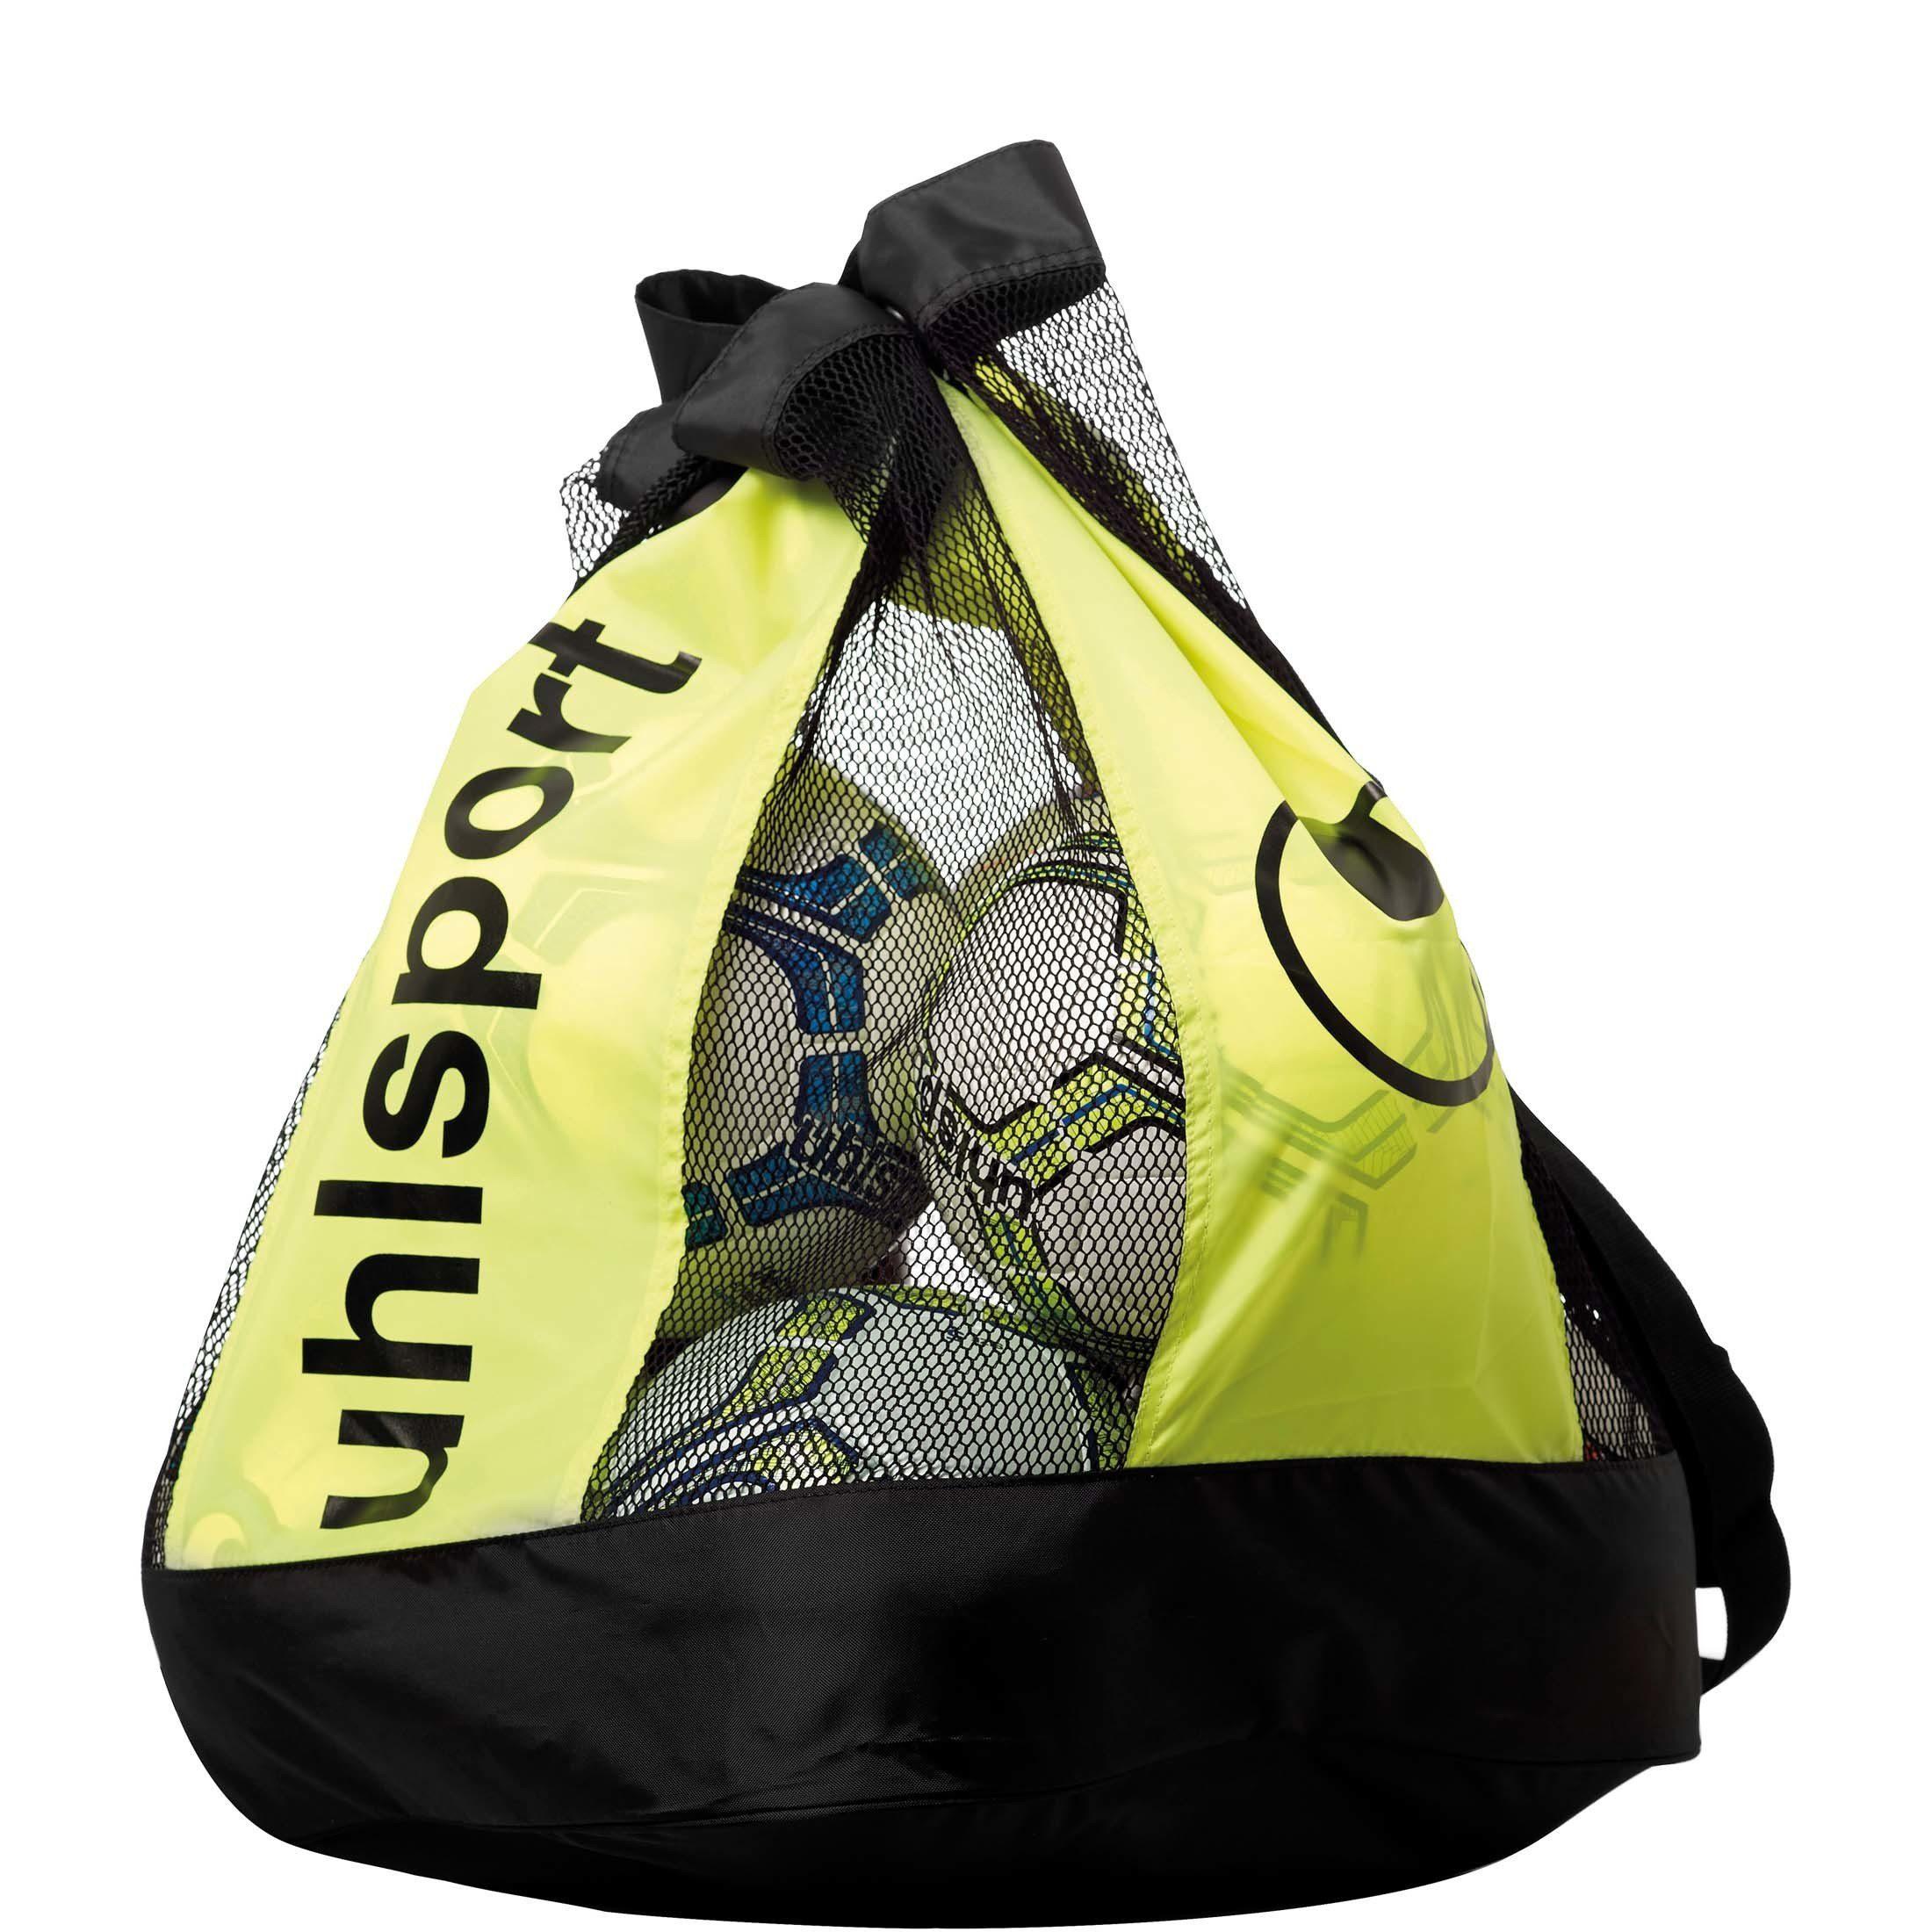 Uhlsport Ballbag (16 BALLS) Herren